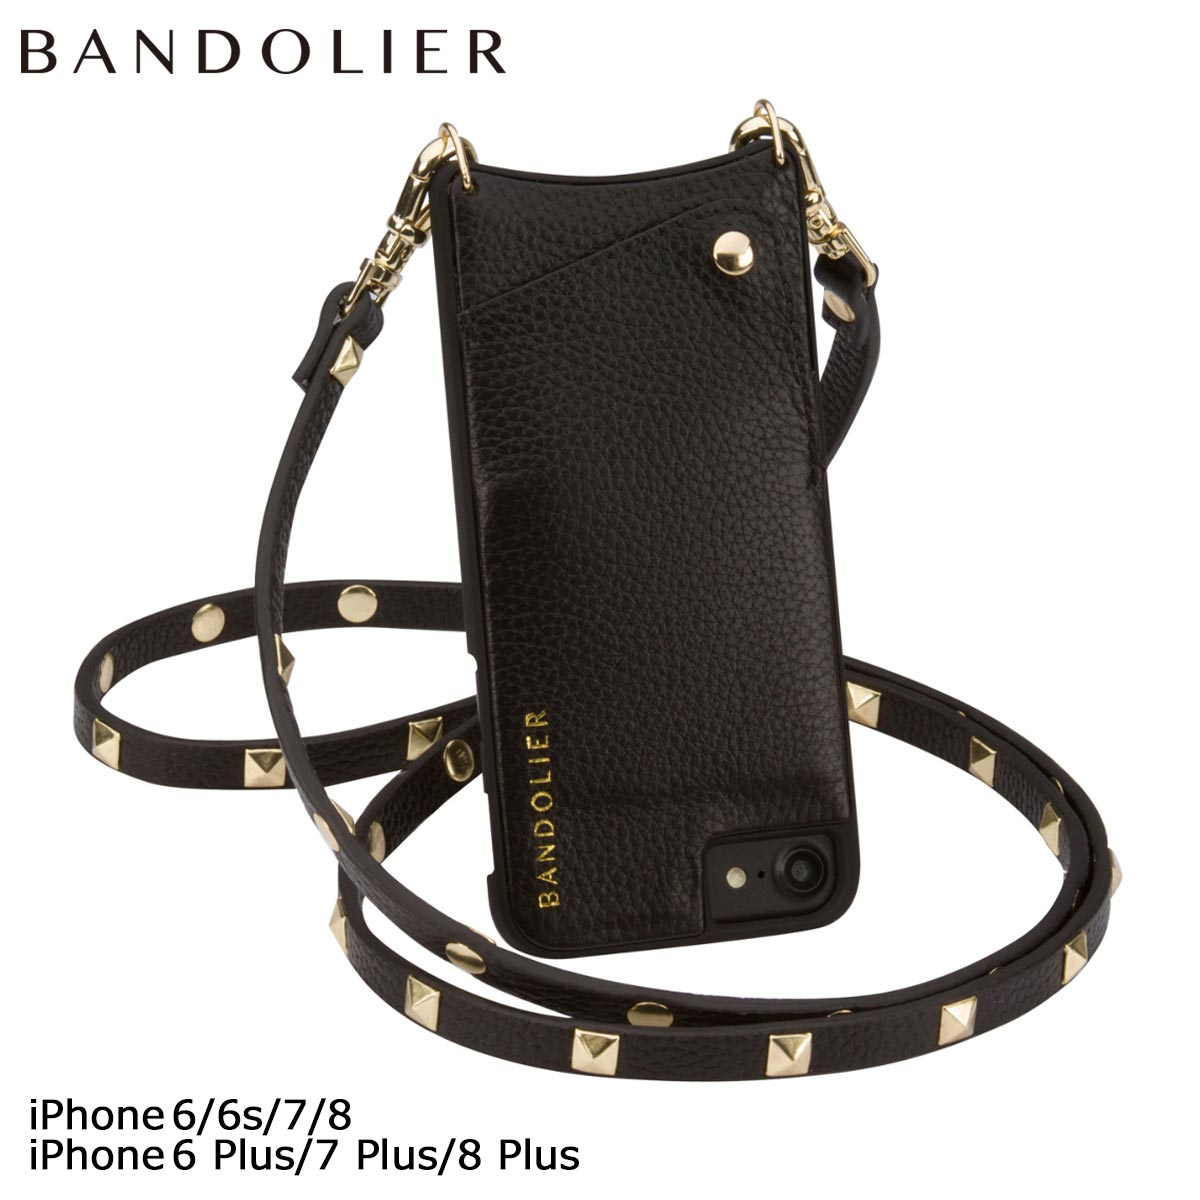 BANDOLIER バンドリヤー iPhone8 iPhone7 7Plus 6s ケース スマホ アイフォン プラス SARAH レザー スタッズ メンズ レディース